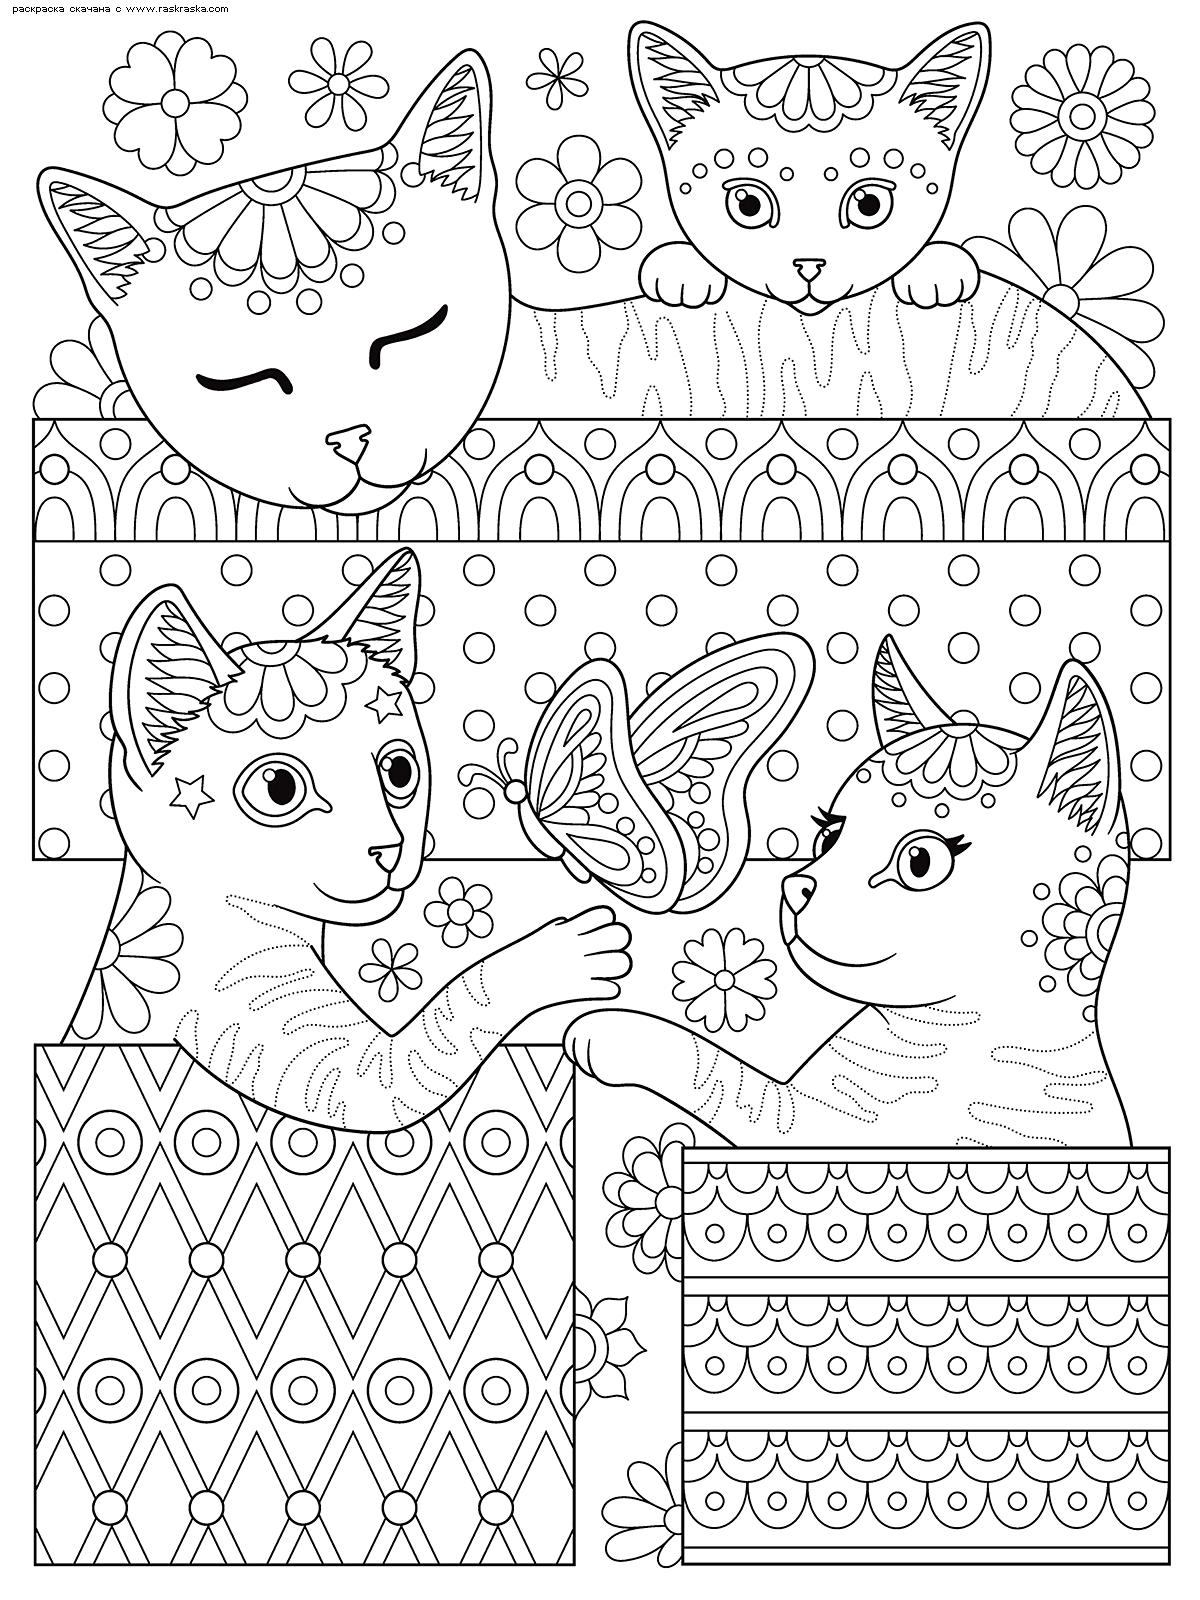 Раскраска Коты в коробках. Раскраска кот, антистресс